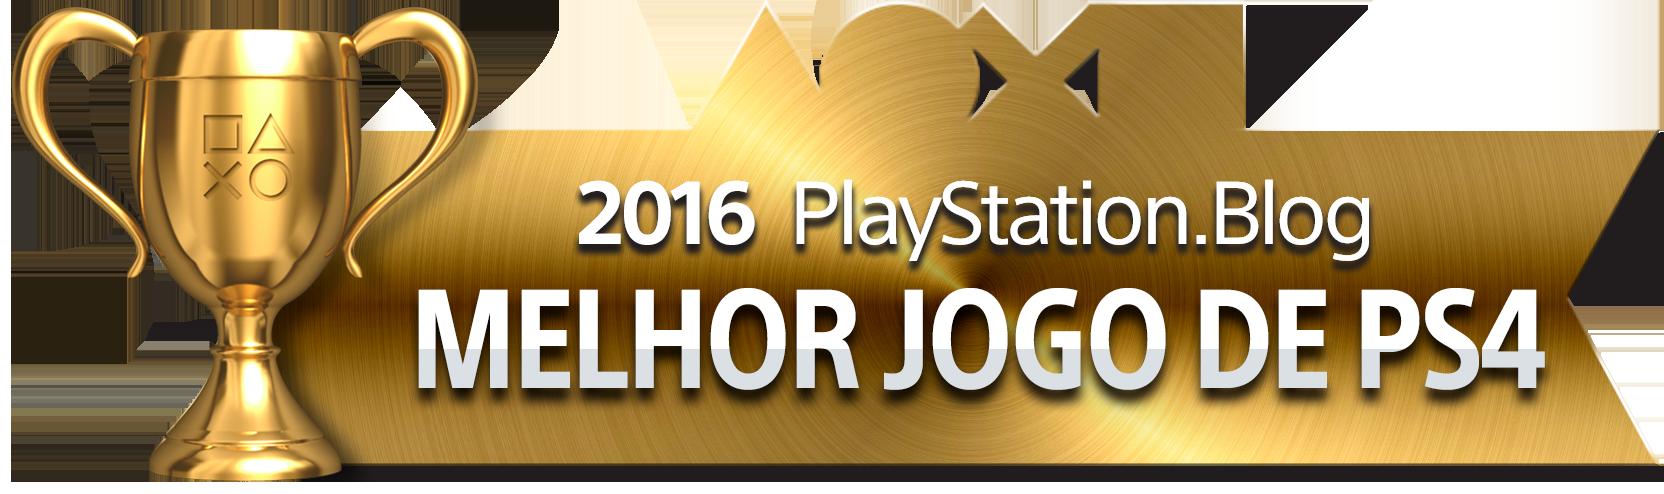 Melhor Jogo de PS4 - Ouro